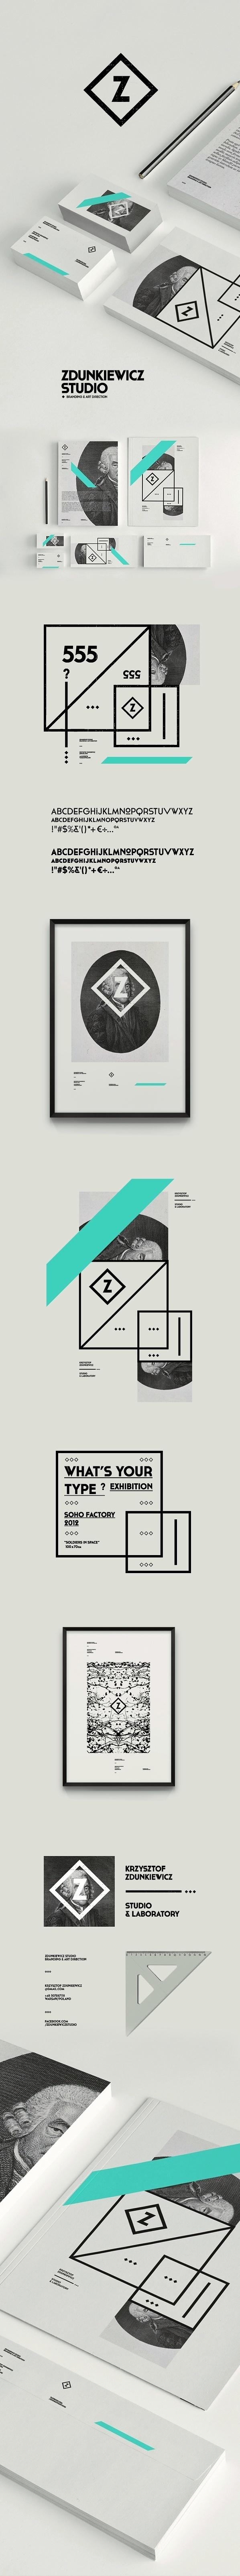 Zdunkiewicz Studio / Self Promotion on Behance #logo #identity #branding